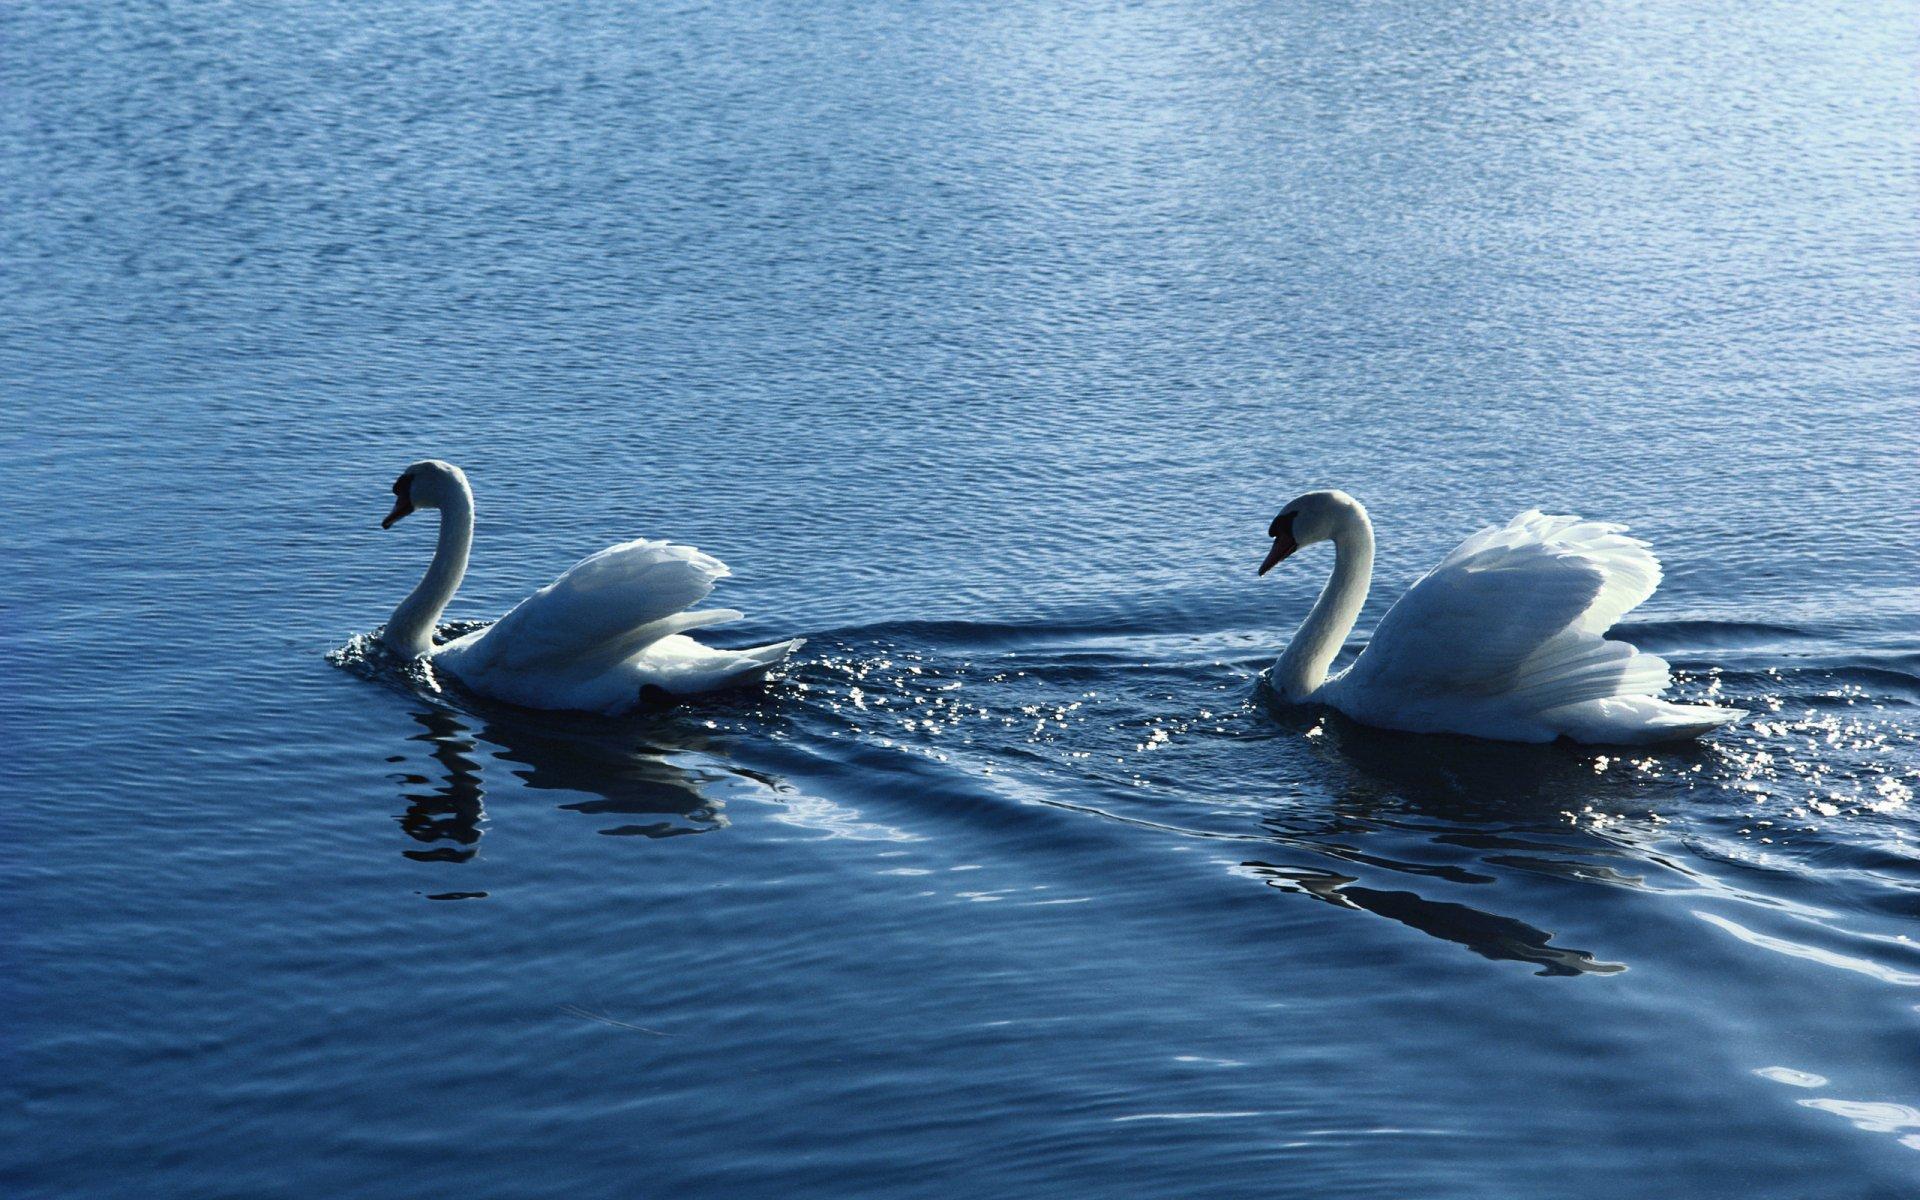 фотообои для рабочего стола белые лебеди химию